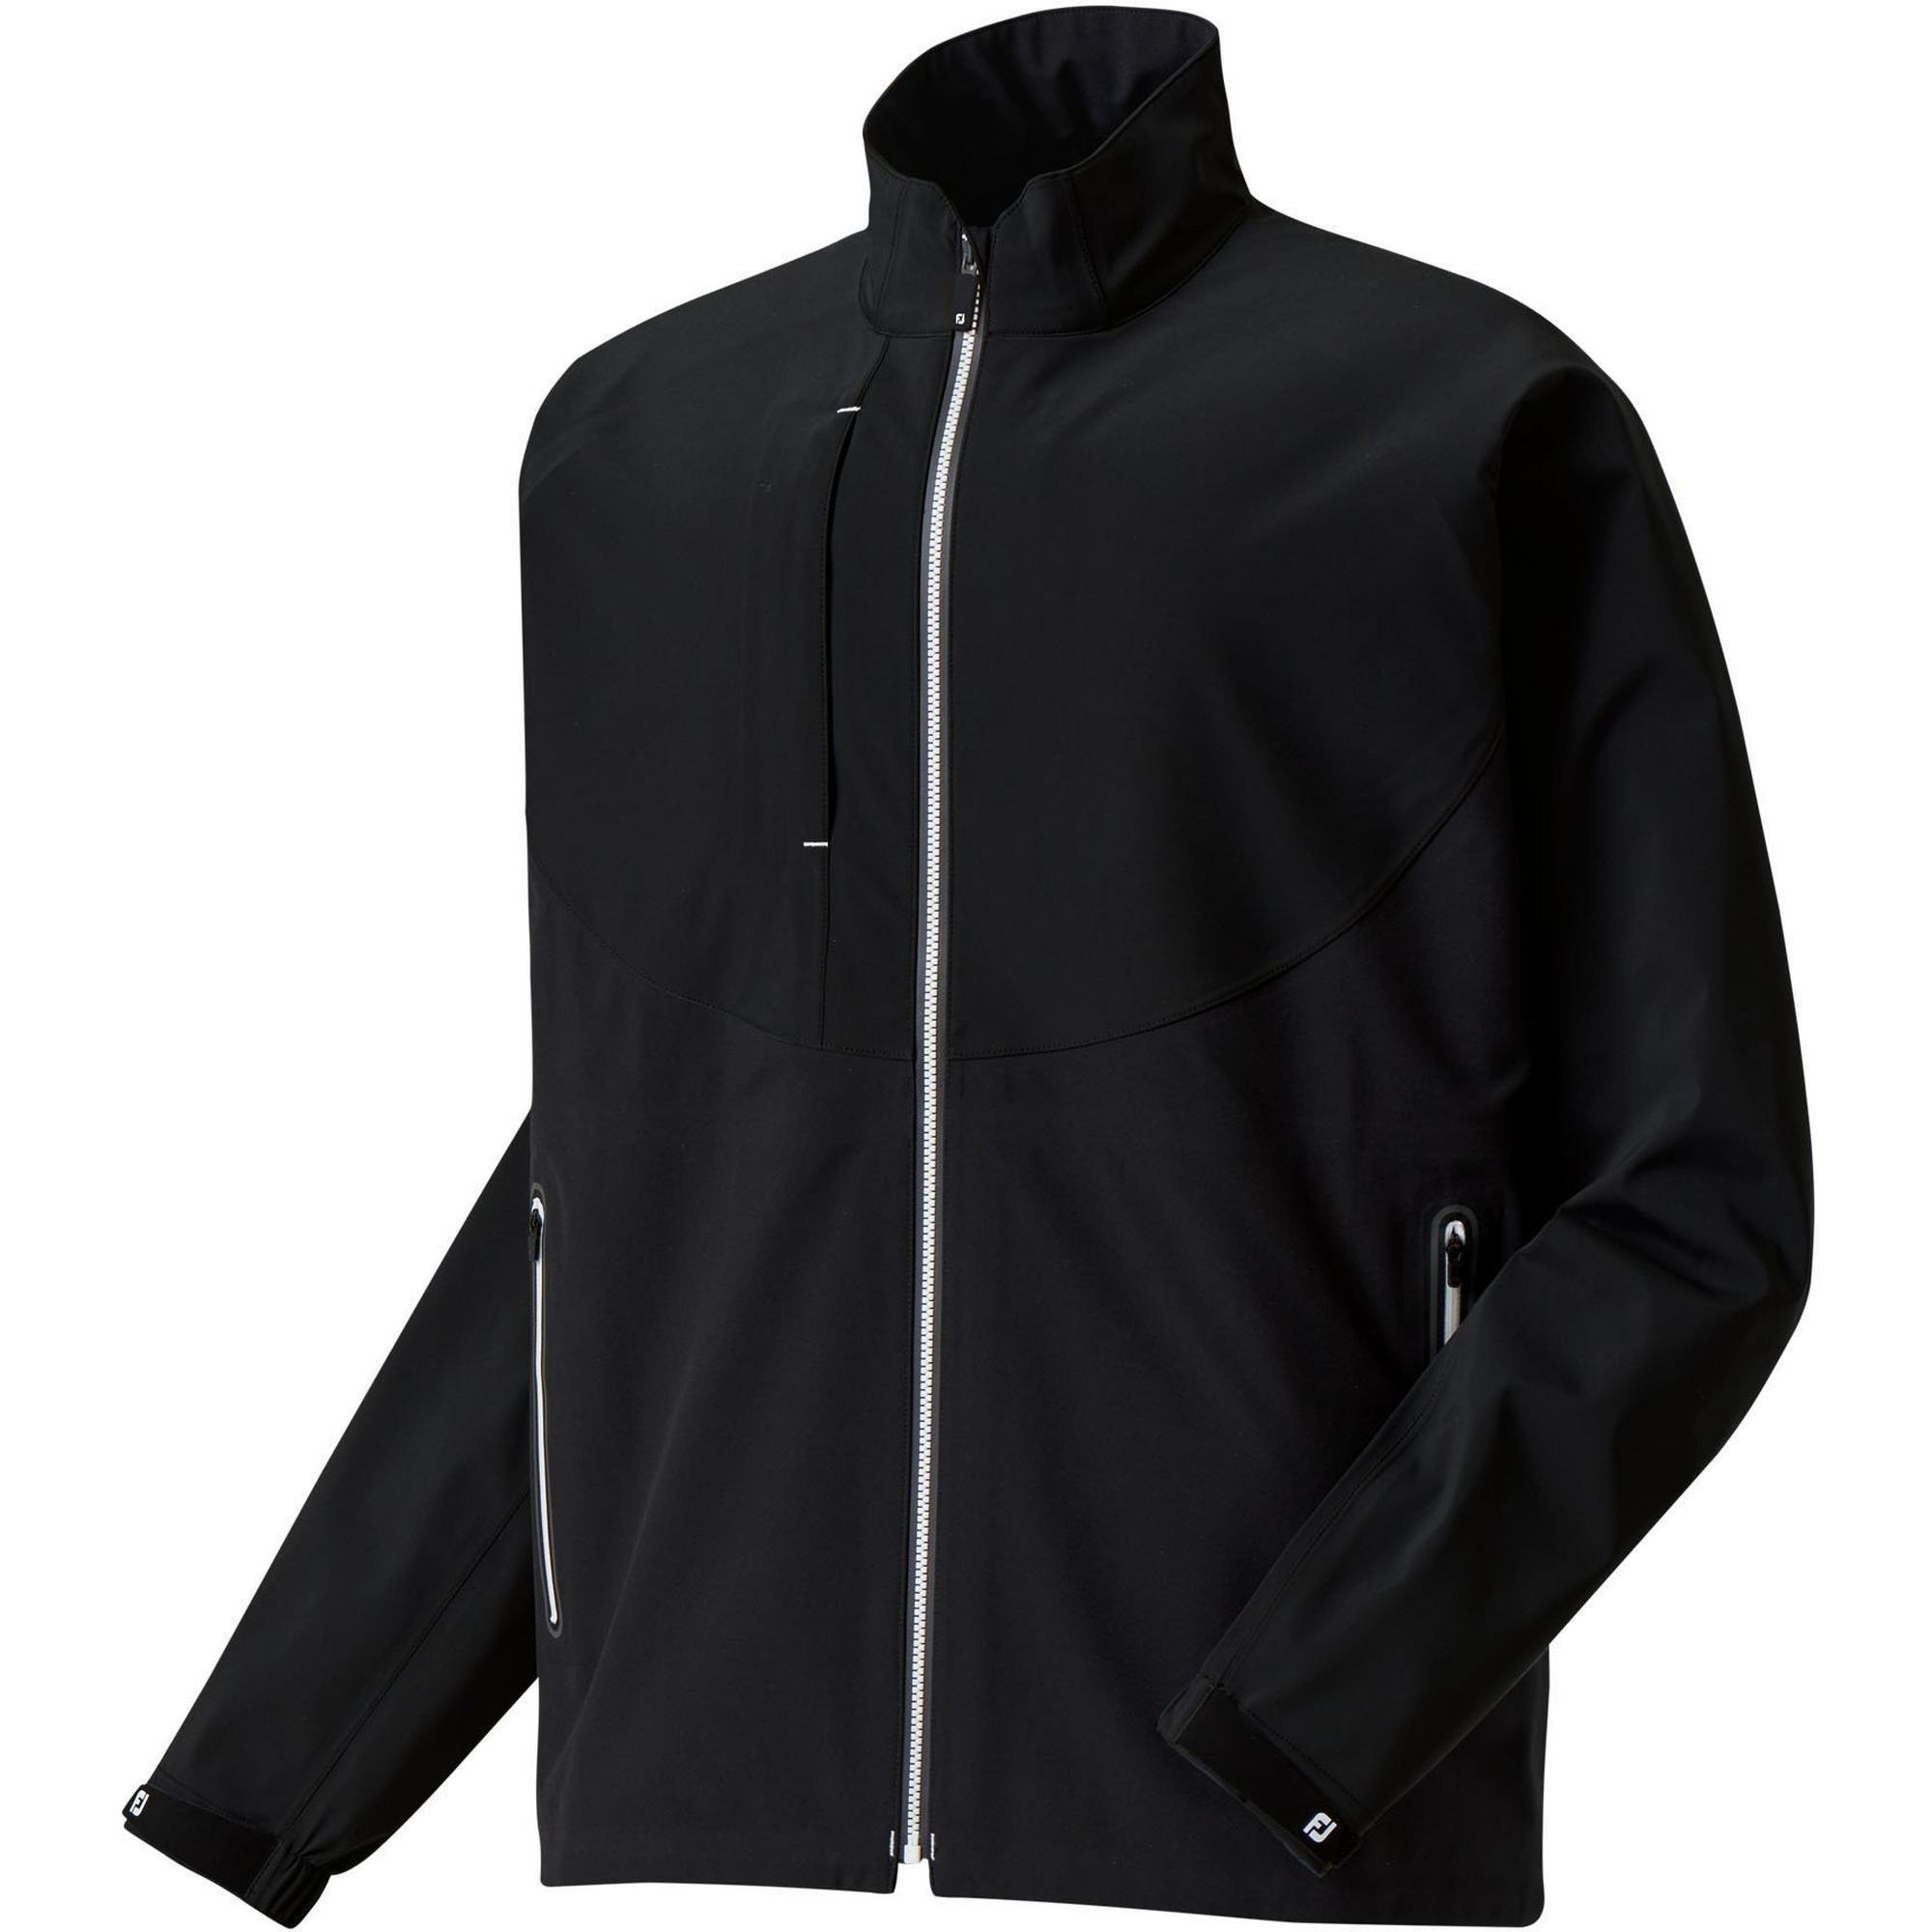 Men's DryJoy Tour LTS Rain Jacket